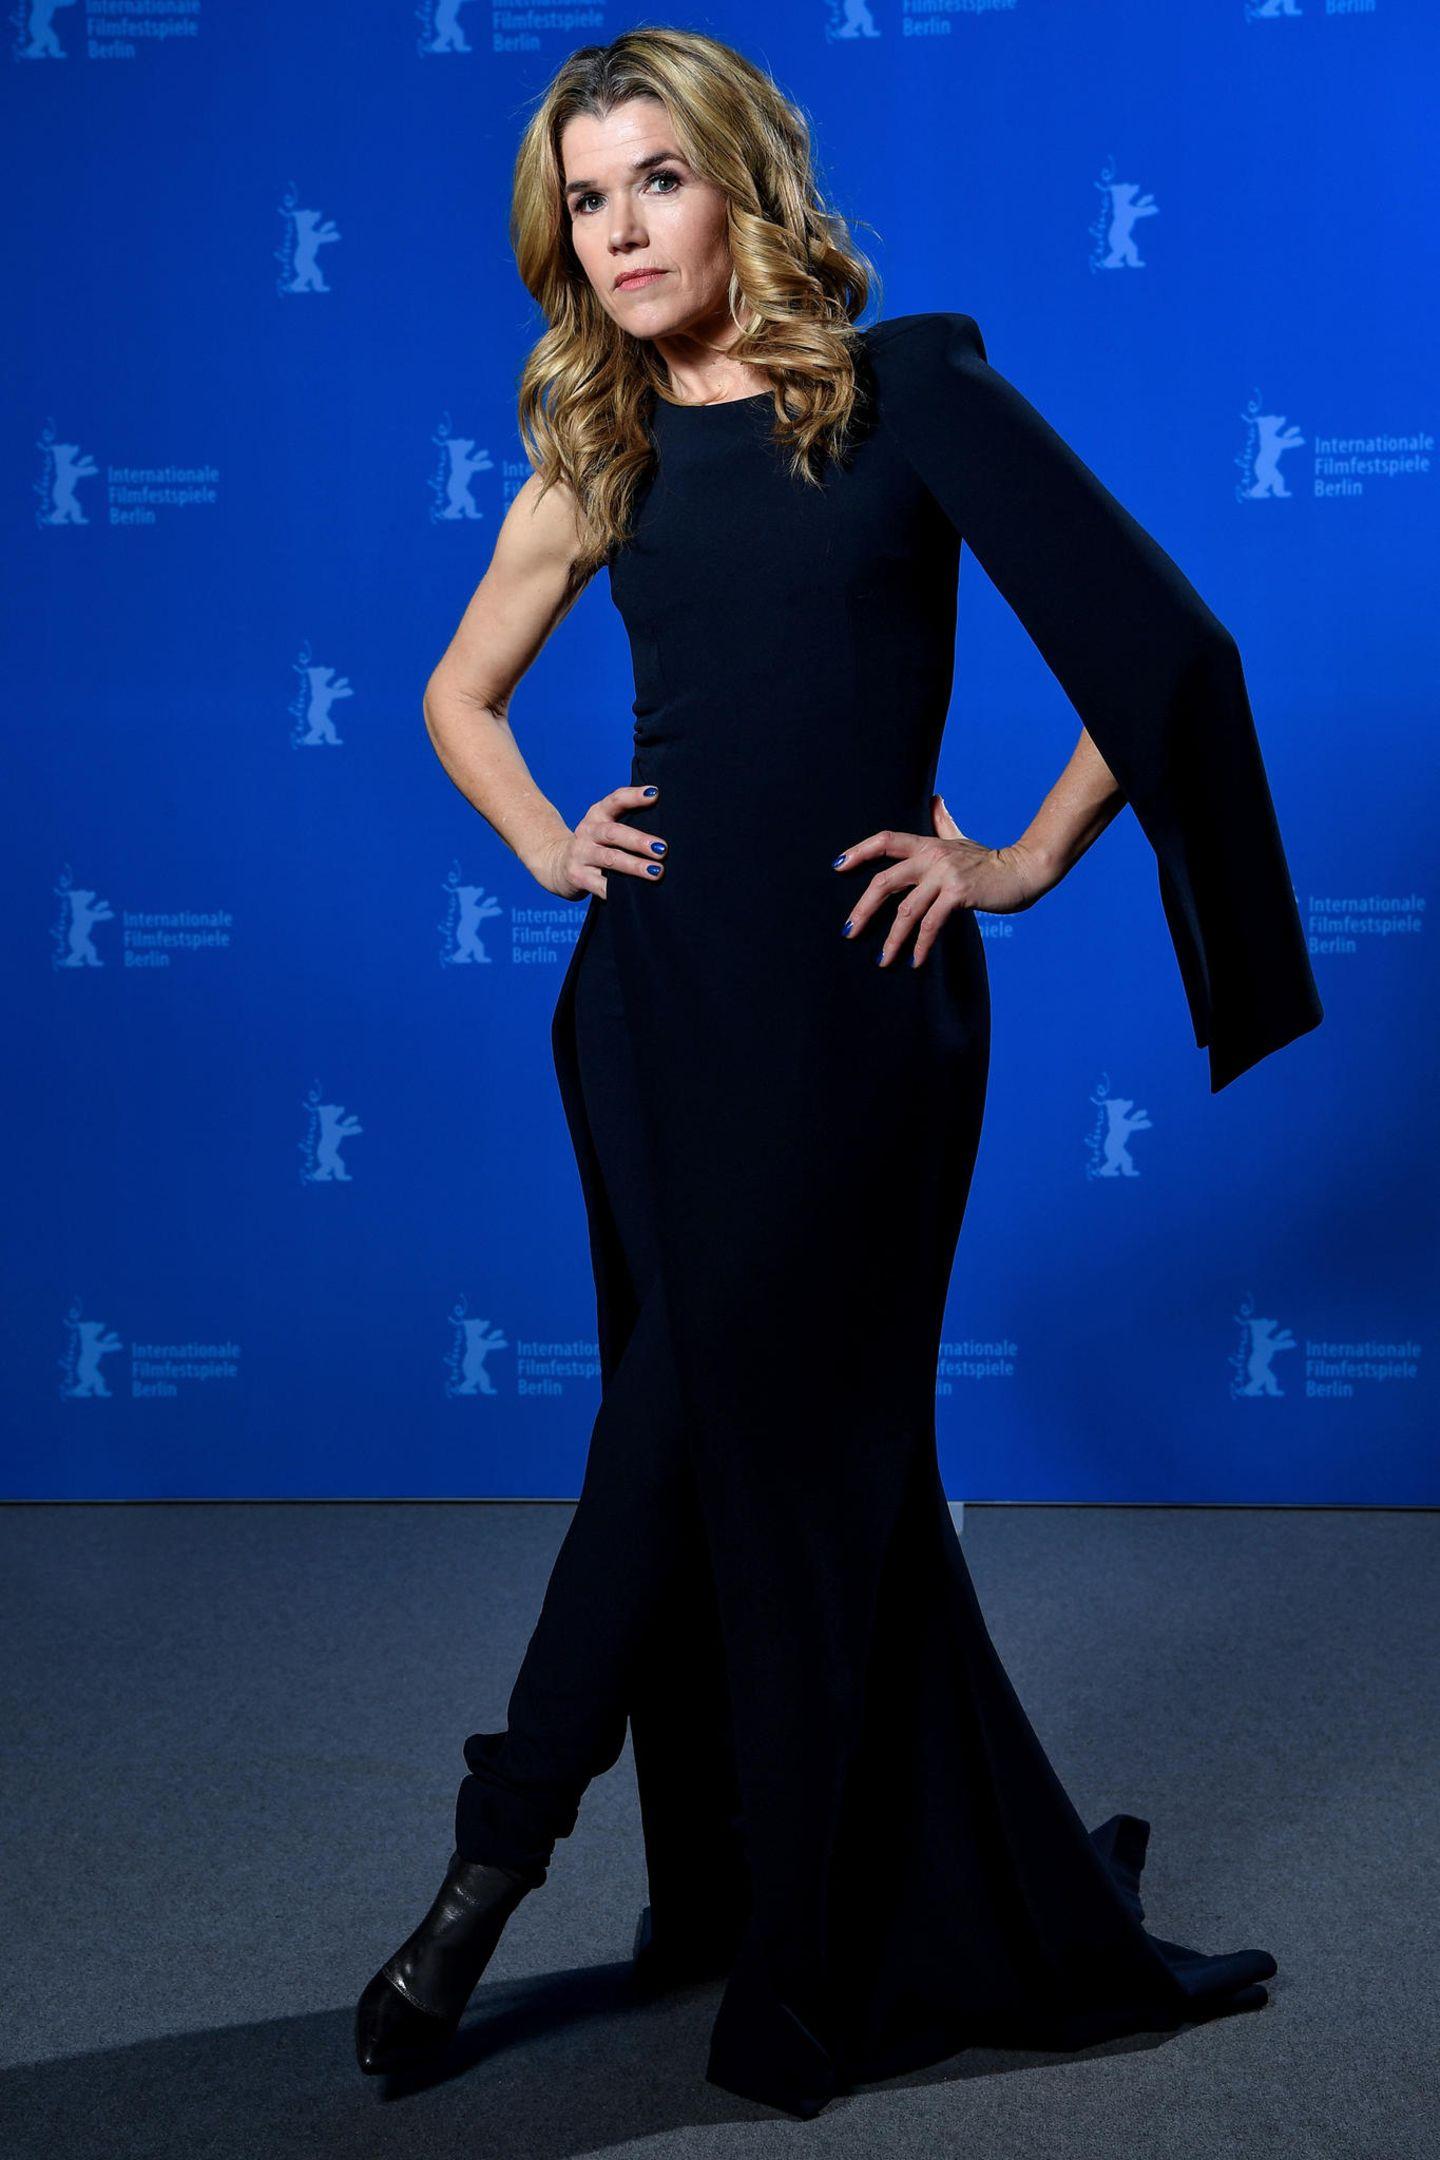 Berlinale 2018: Anke Engelke posiert für die Kamera